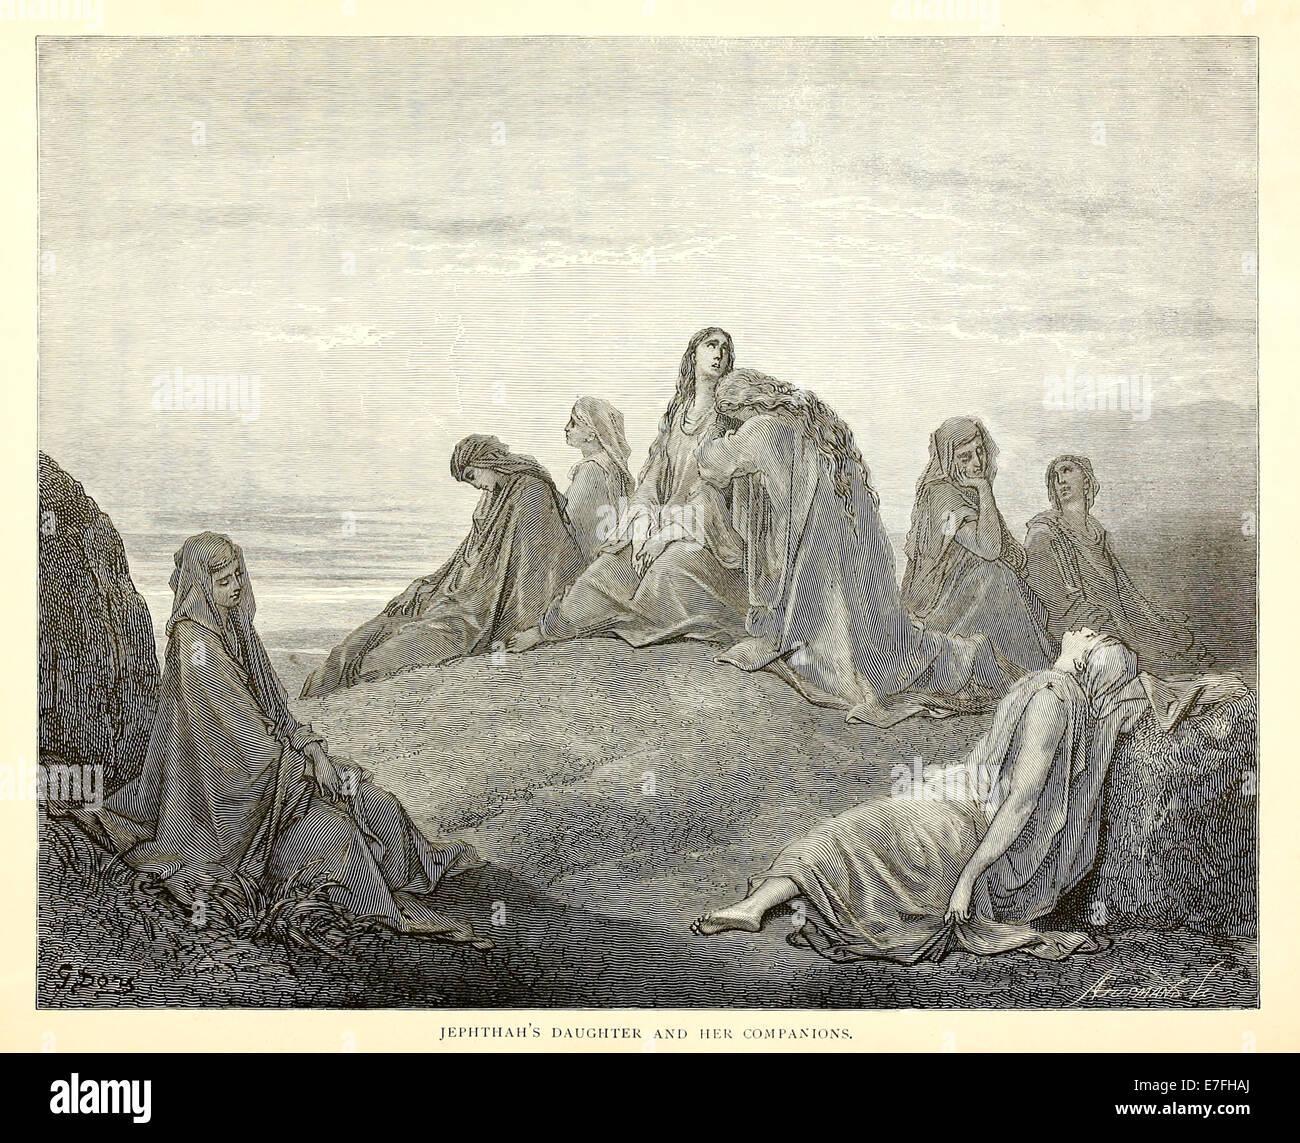 Illustration par Paul Gustave Doré (1832-1883) à partir de 1880 édition de la Bible. Voir la description pour plus d'informations. Banque D'Images